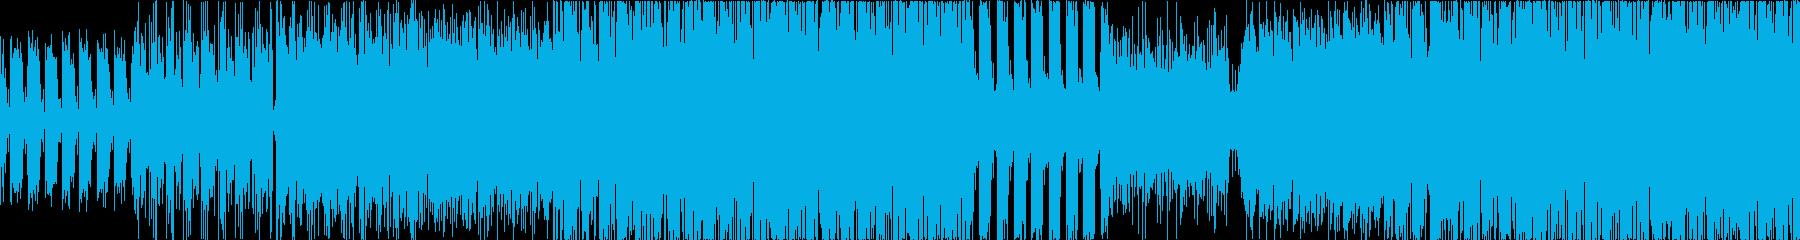 【ループ】オシャレ、エレクトロ、動画等にの再生済みの波形